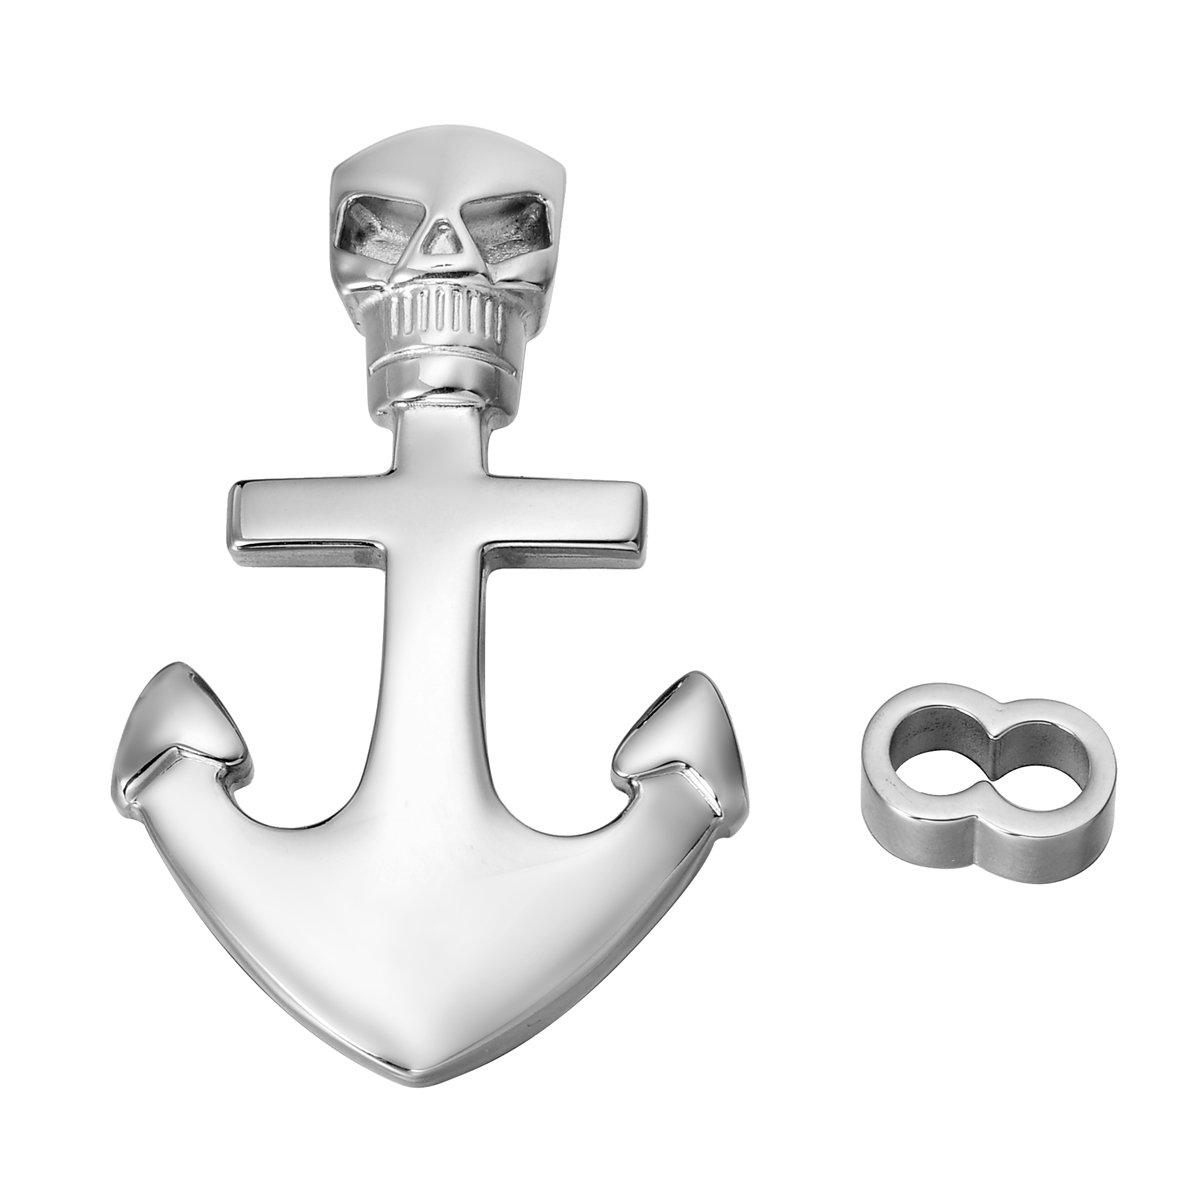 Boat anchor 32mmx21mm Acier inoxydable 1/pcs argent/é en acier inoxydable double trou Ancre Fermoir et charm Pendentif pour la confection de bijoux Appr/êt 32/Mmx21/mm